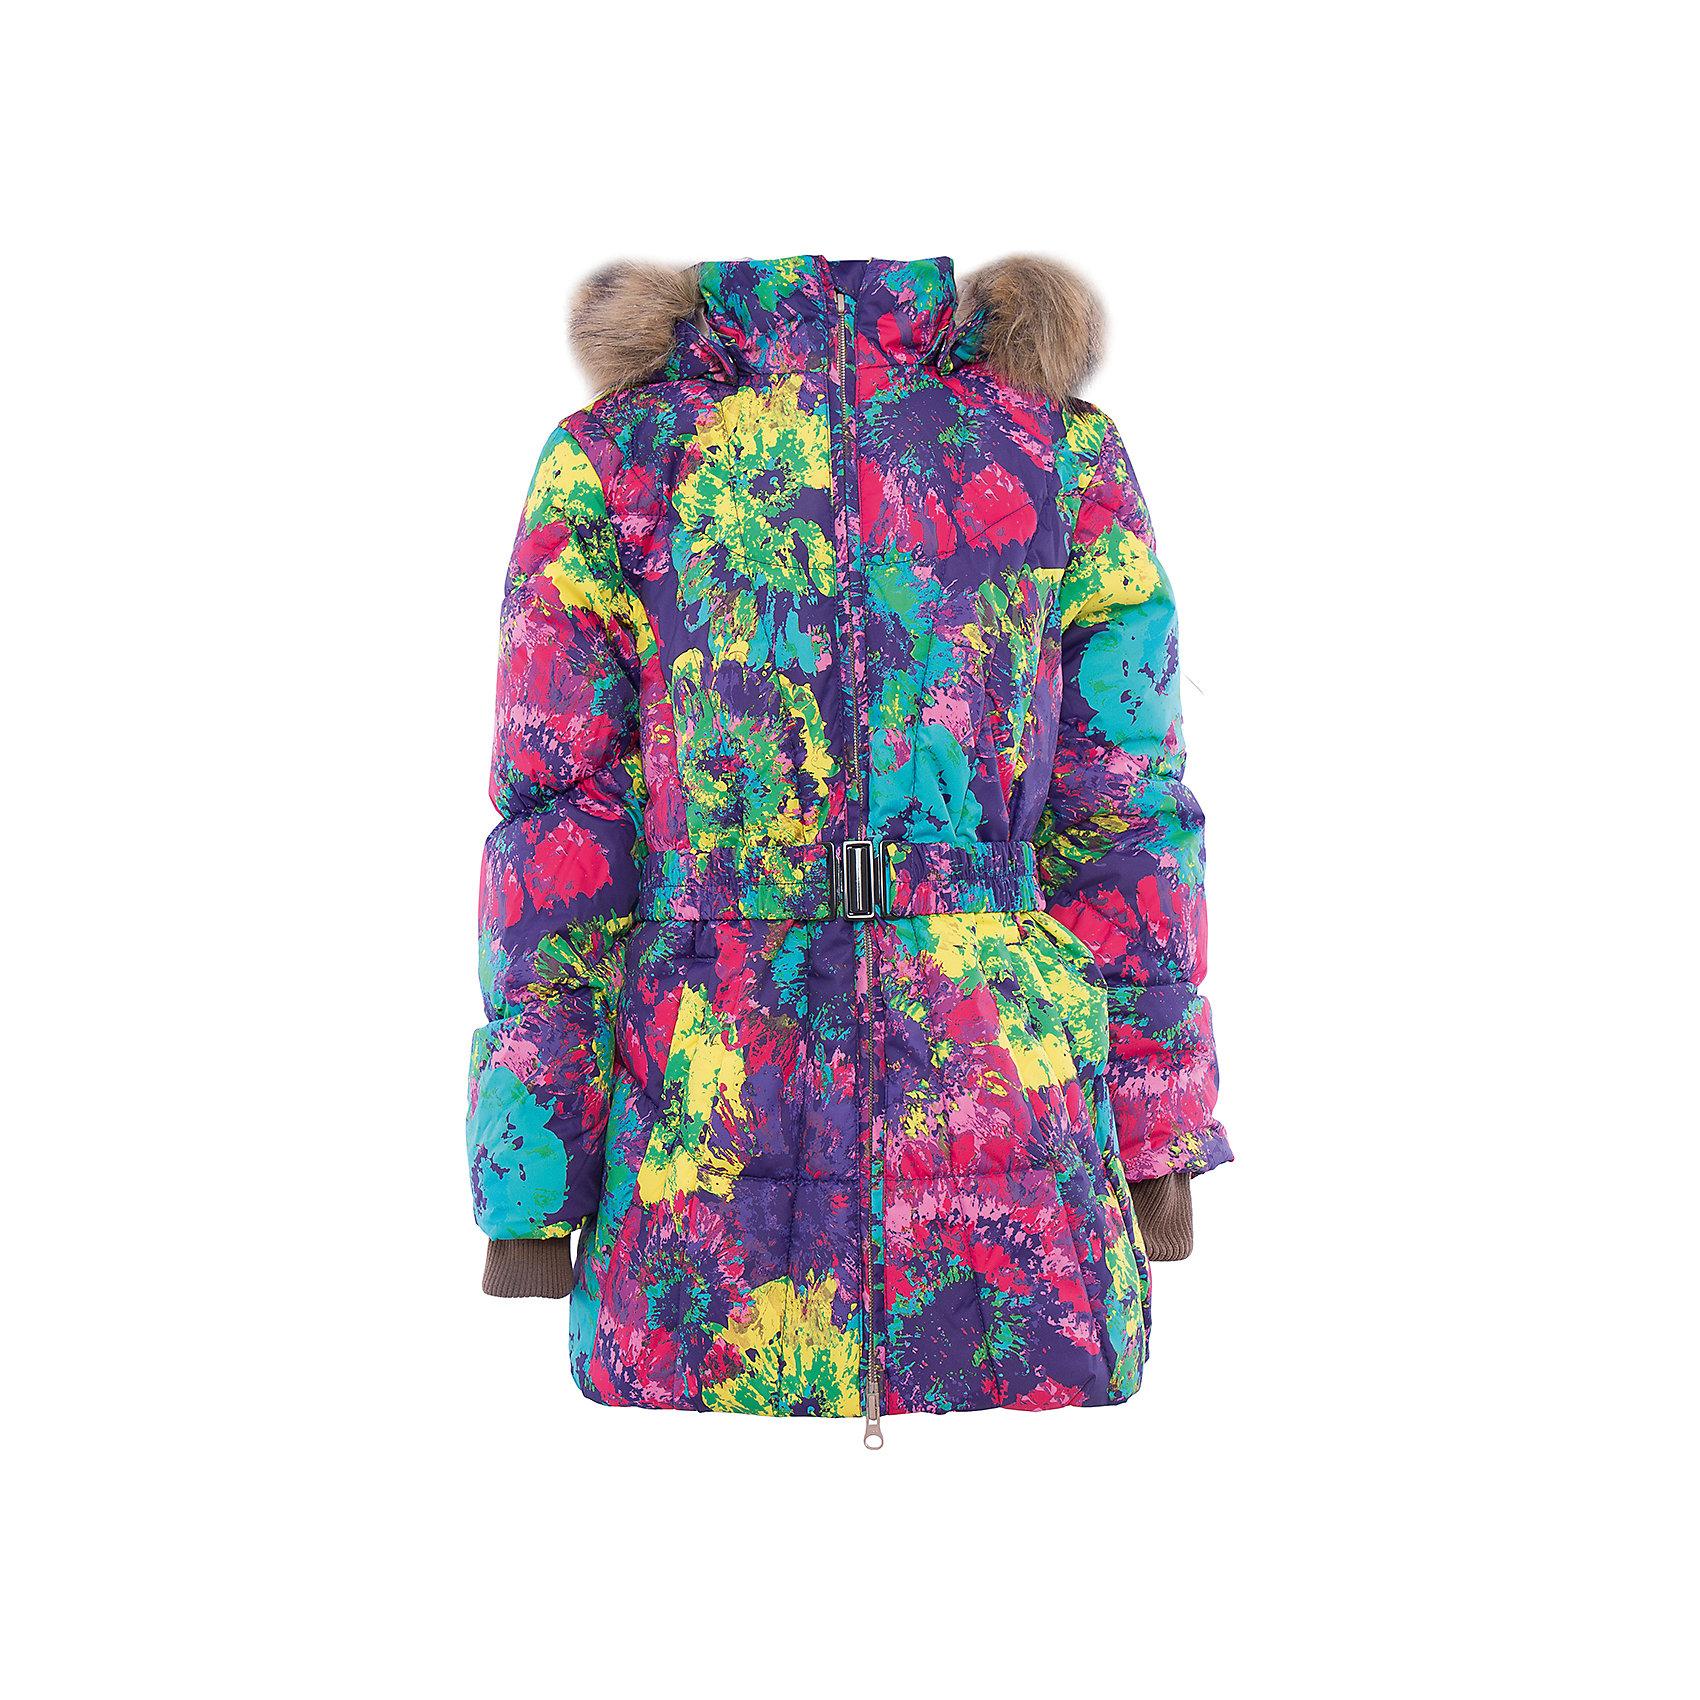 Куртка   для девочки HuppaВерхняя одежда<br>Стильная и необычная куртка LESLIE1 Huppa(Хуппа).<br><br>Утеплитель: 50% пух, 50% перо<br><br>Температурный режим: до -30 градусов. Степень утепления – высокая. <br><br>* Температурный режим указан приблизительно — необходимо, прежде всего, ориентироваться на ощущения ребенка. Температурный режим работает в случае соблюдения правила многослойности – использования флисовой поддевы и термобелья.<br><br>Согреет ребенка в холод, а приятный дизайн всегда будет радовать!<br><br>Особенности:<br>-специальная мембрана, выводящая лишнюю влагу, не позволит ветру и воде проникнуть внутрь куртки<br>-большой и удобный капюшон <br>-высококачественный гусиный пух<br>-светоотражающие элементы<br>-яркая расцветка<br>-капюшон с отстегивающимся мехом<br><br>Дополнительная информация:<br>Материал: 100% полиэстер<br>Подкладка: тафта - 100% полиэстер<br><br>Куртку LESLIE1 Huppa(Хуппа) вы можете приобрести в нашем интернет-магазине.<br><br>Ширина мм: 356<br>Глубина мм: 10<br>Высота мм: 245<br>Вес г: 519<br>Цвет: лиловый<br>Возраст от месяцев: 36<br>Возраст до месяцев: 48<br>Пол: Женский<br>Возраст: Детский<br>Размер: 104,164,110,116,122,128,134,140,146,152,158<br>SKU: 4928253